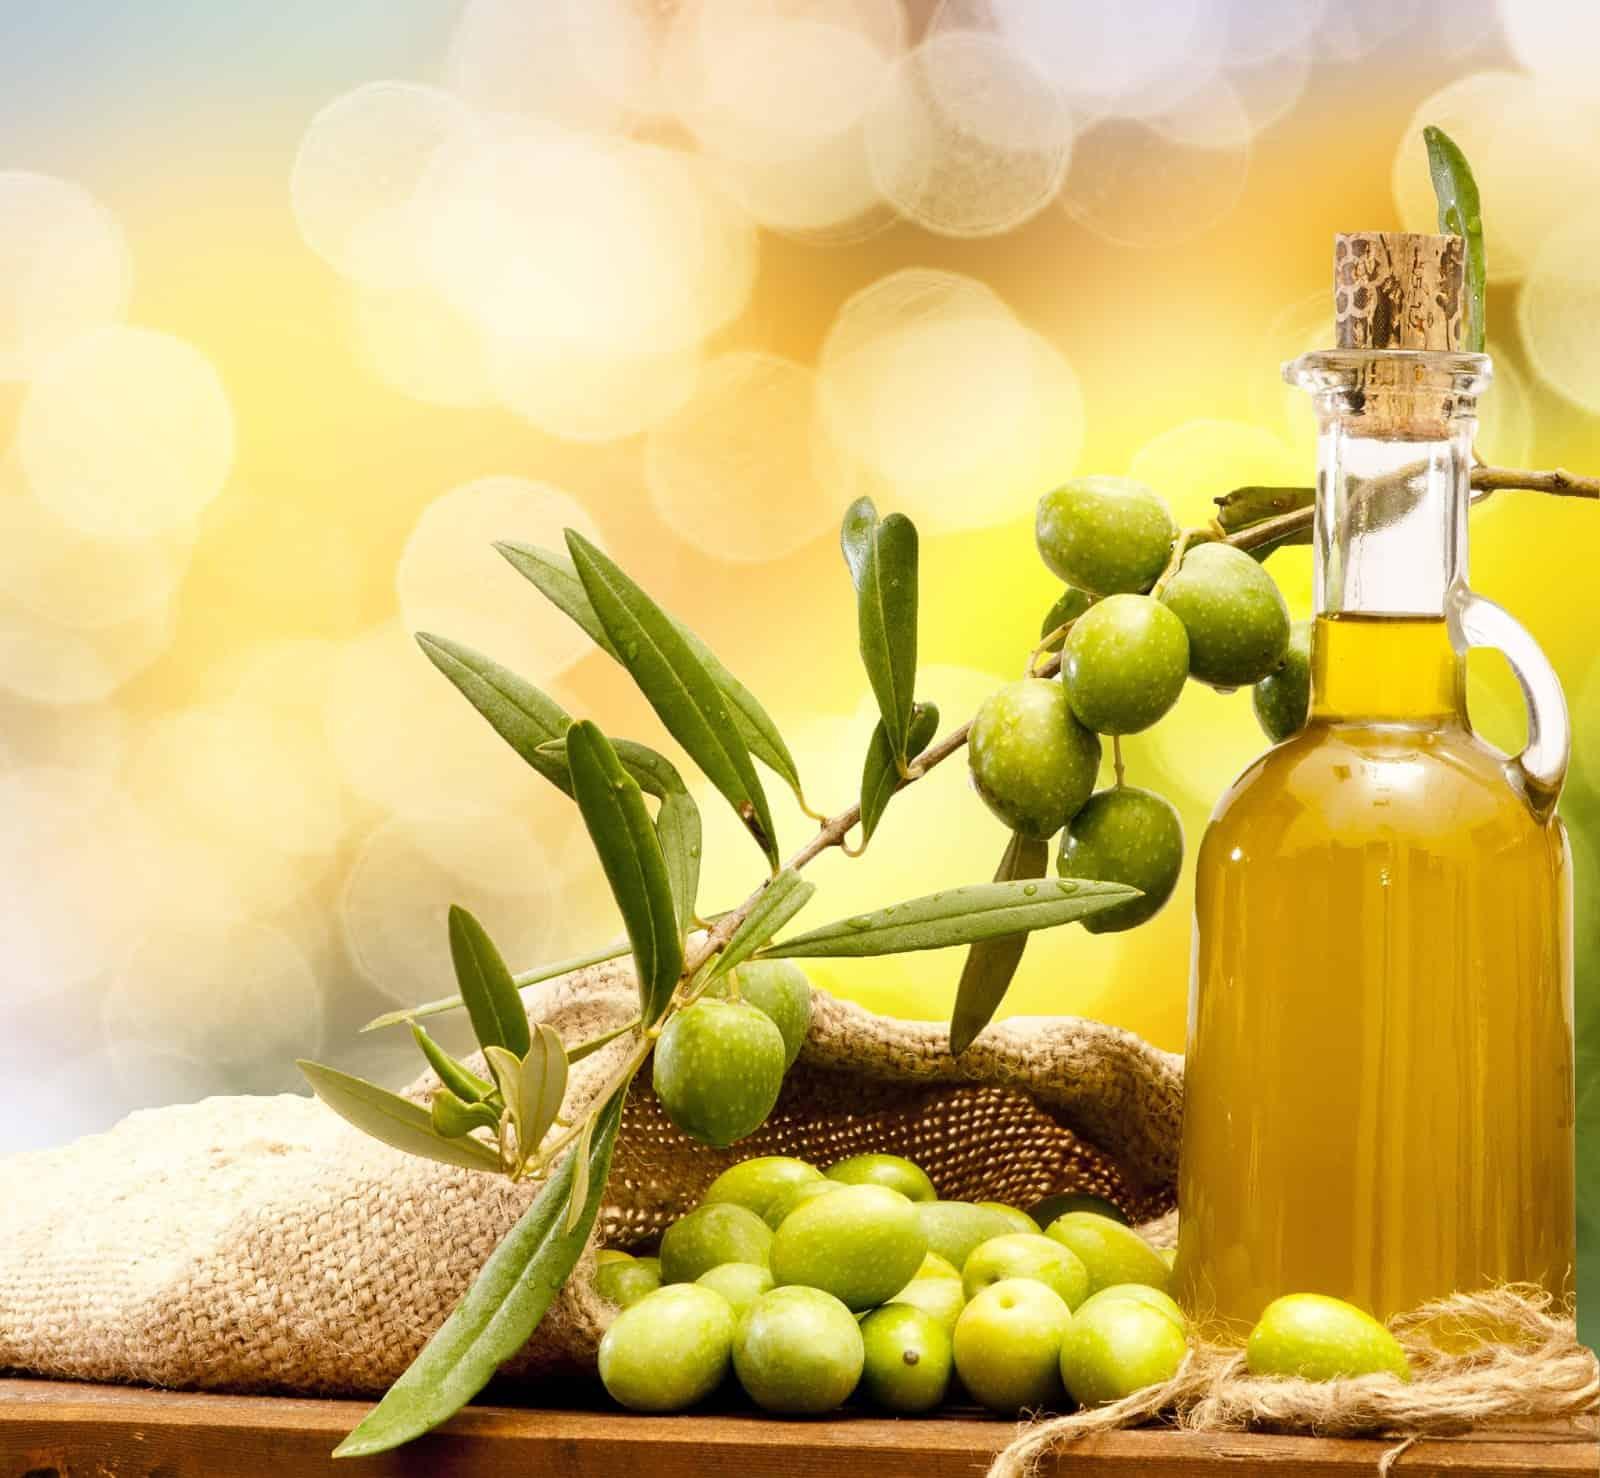 استعمالات طبية وتجميلية هامة لزيت الزيتون